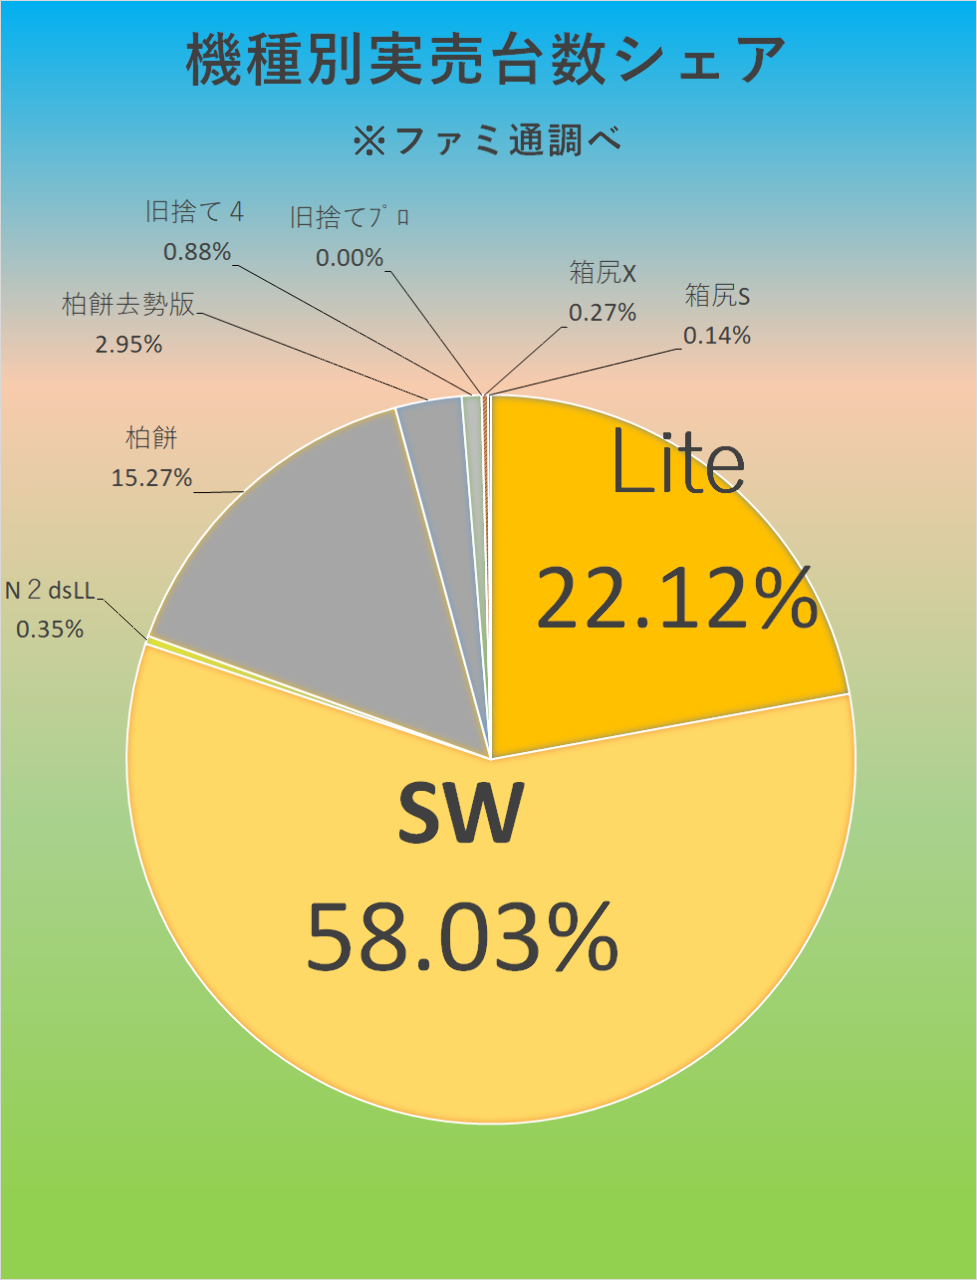 7974 - 任天堂(株) 【 最新ファミ通実売結果に見る、今期1QのSWシリーズ実売現状 】  今年03/29-5/09累計: